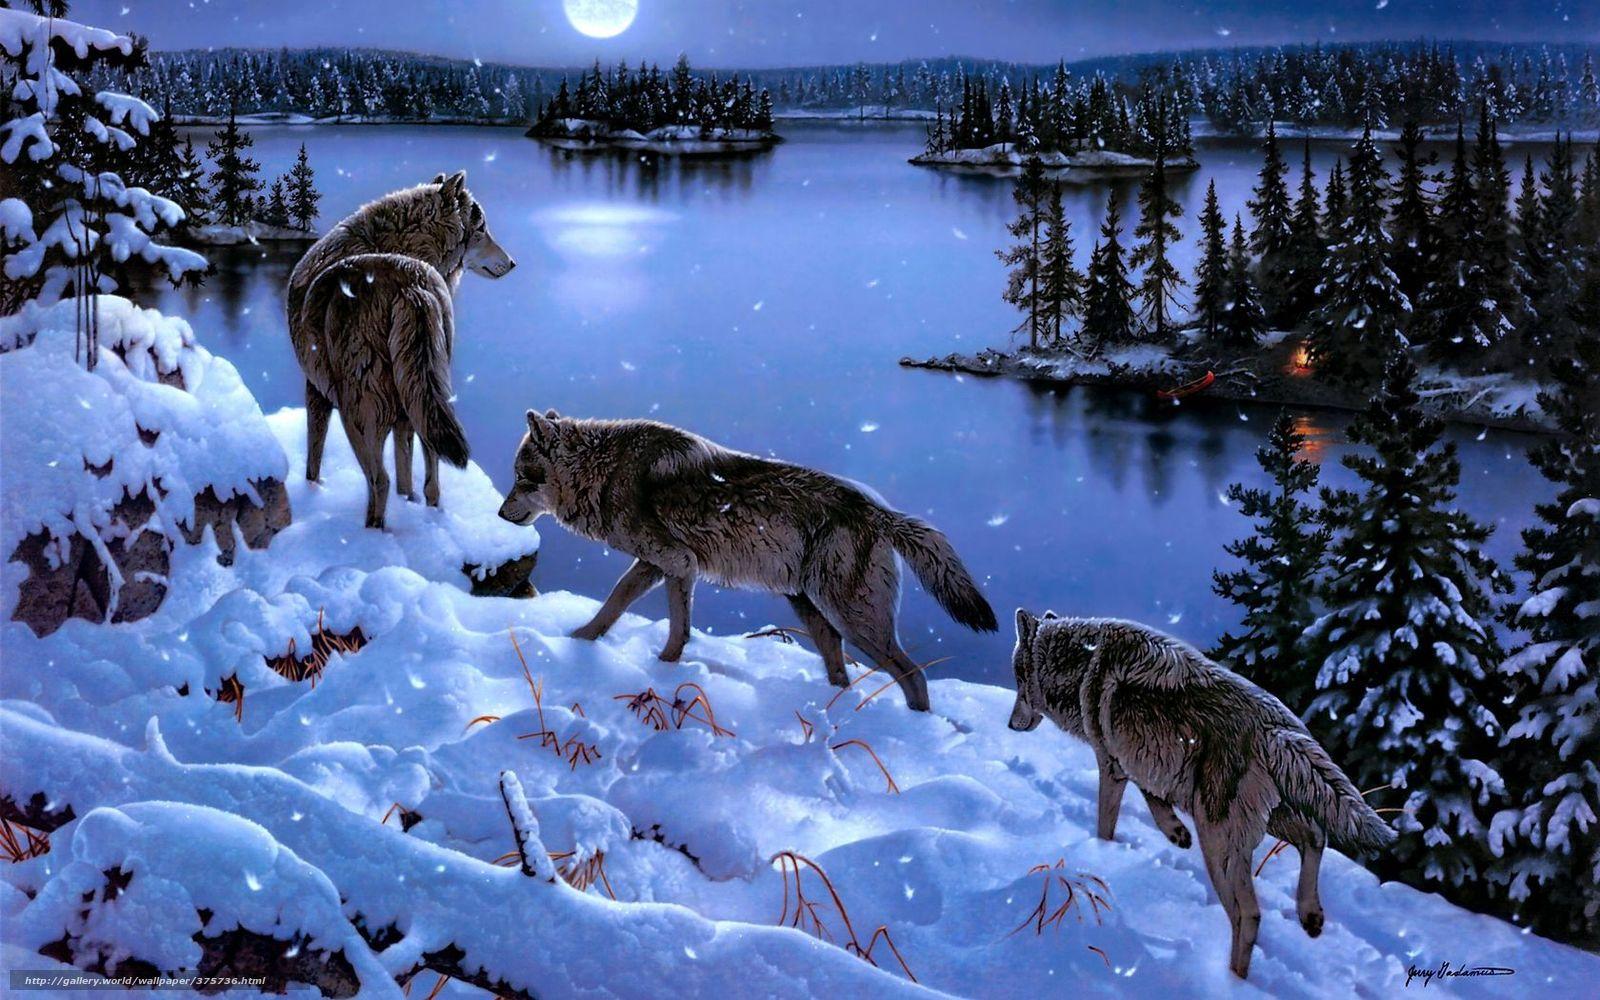 Tlcharger fond d 39 ecran loups hiver lac neige fonds d for Fond ecran hiver animaux